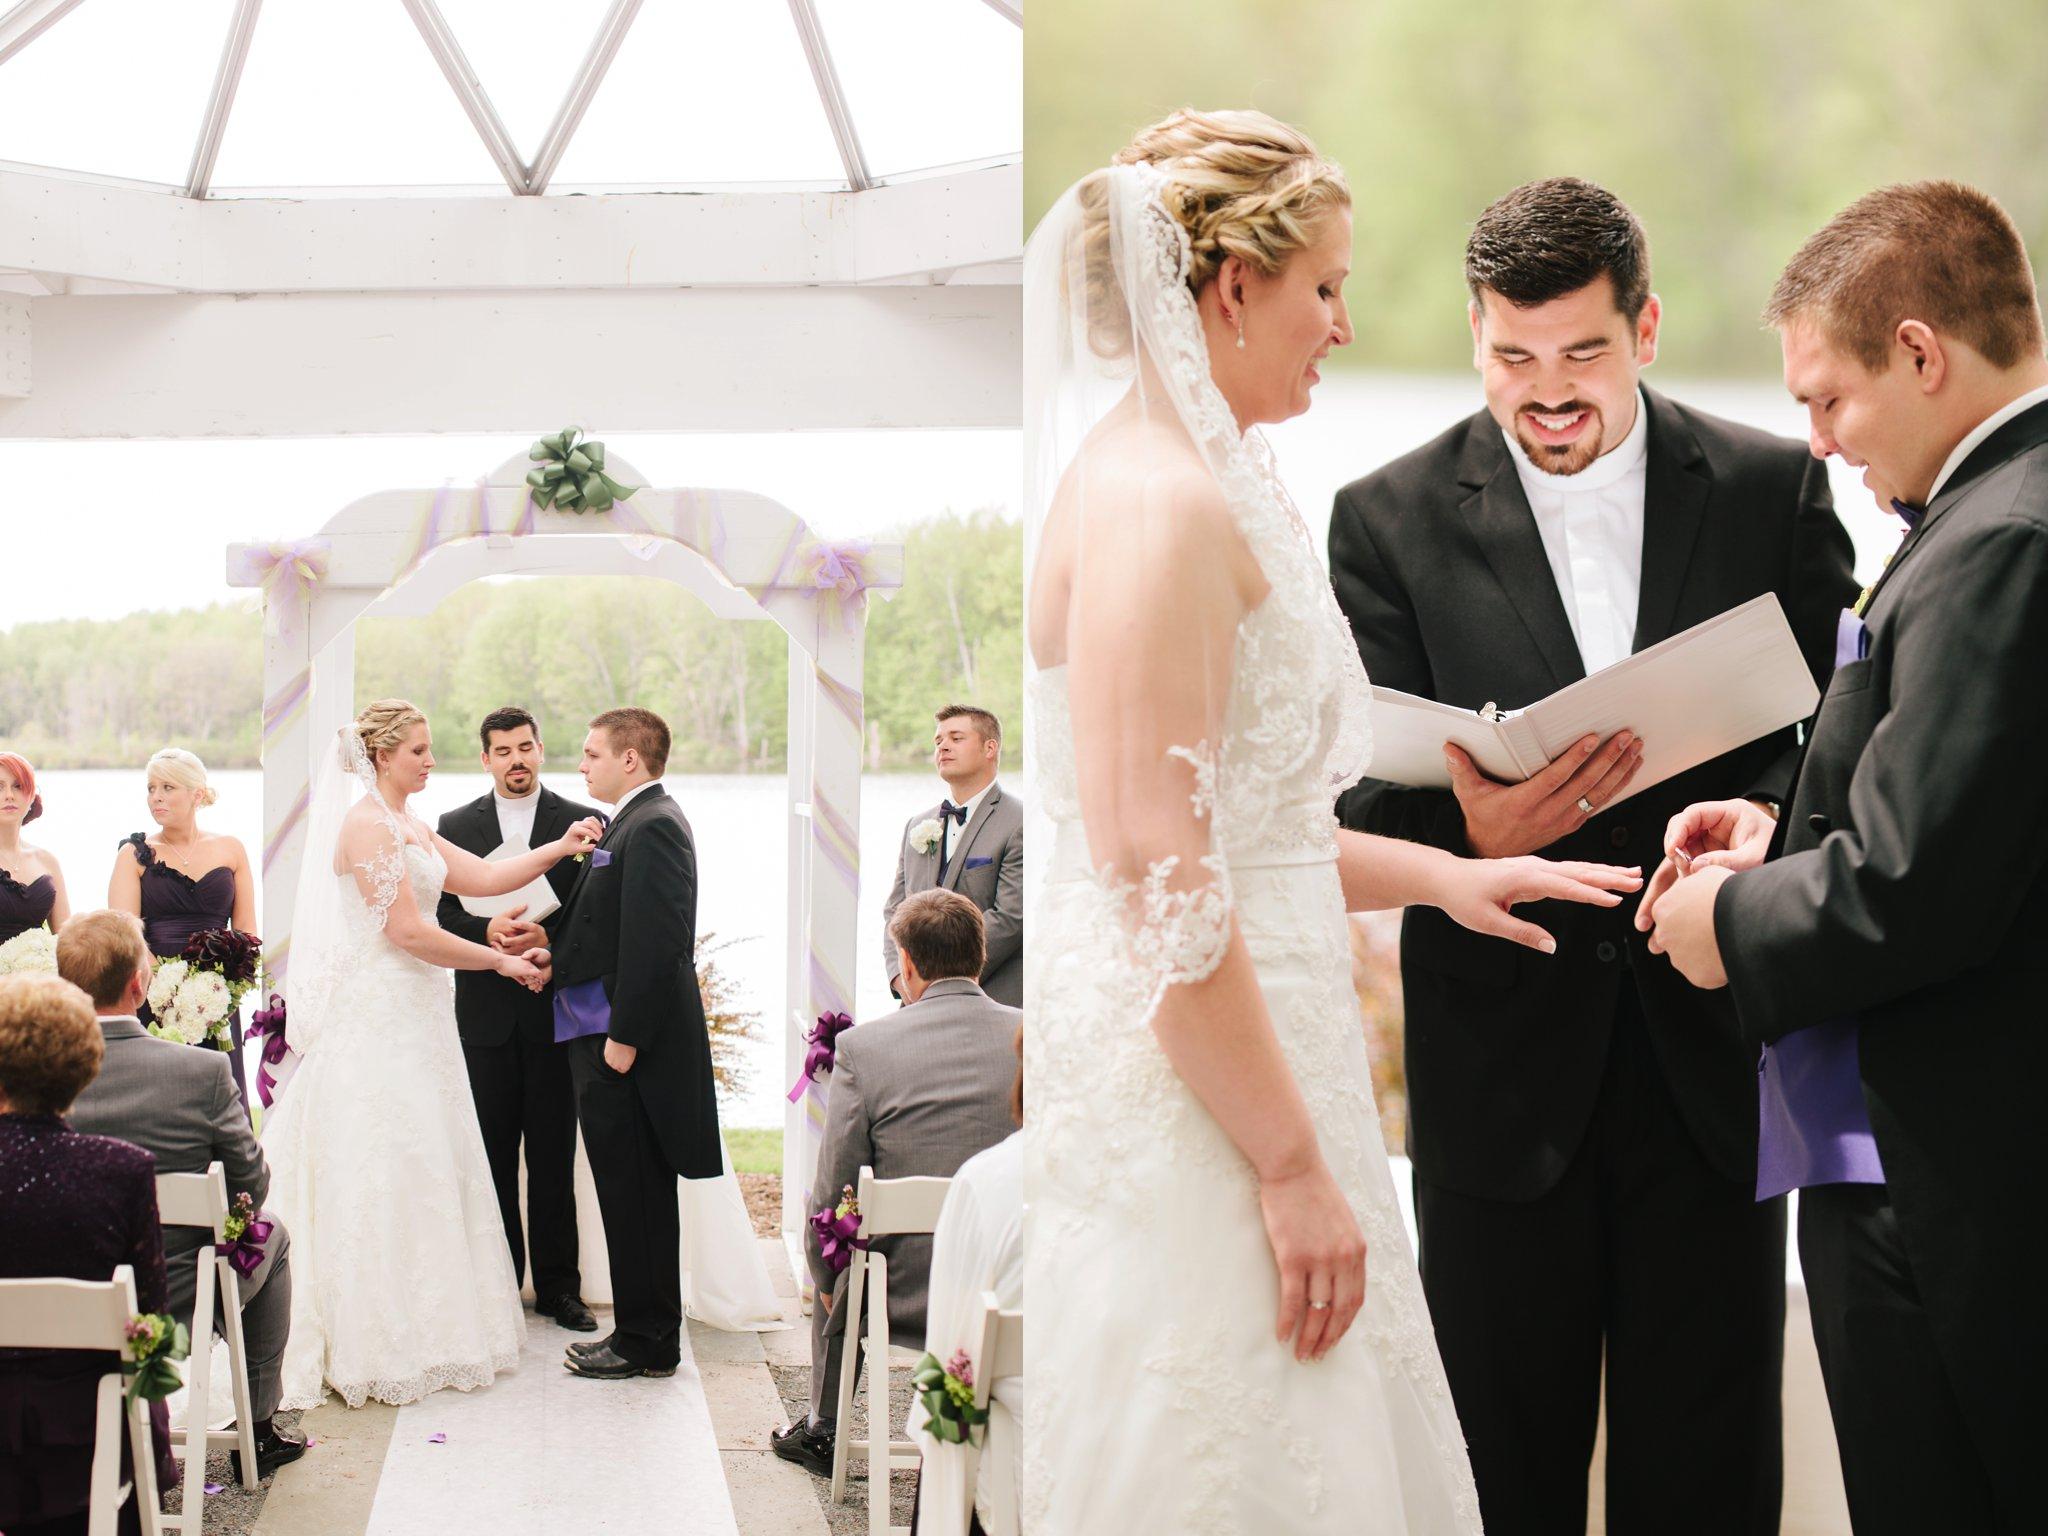 montdale_country_club_wedding6528.jpg